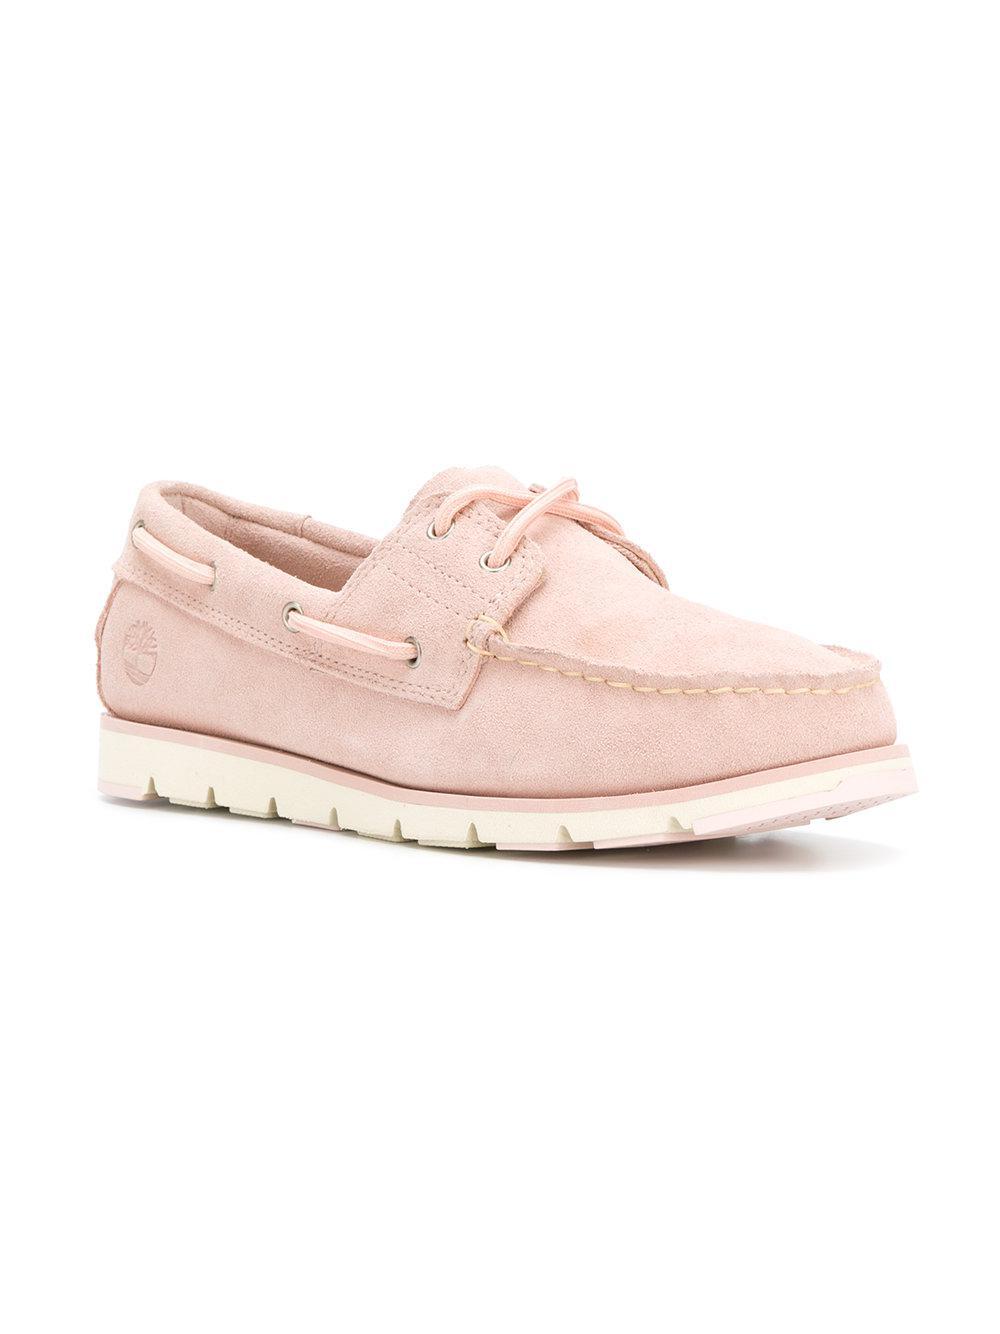 slip-on moccasins - Pink & Purple Timberland ZN1eKfdjX